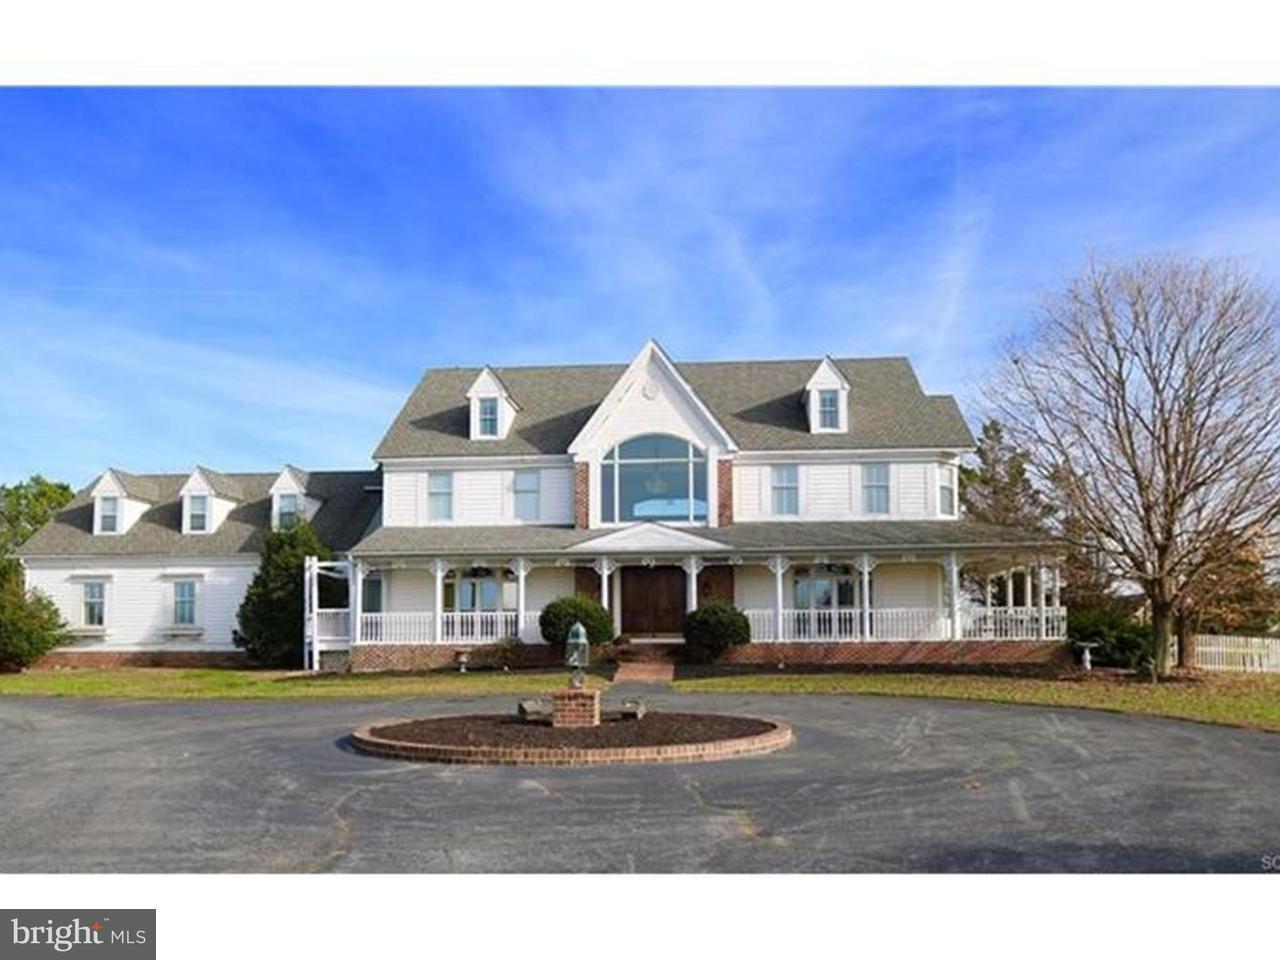 Maison unifamiliale pour l Vente à 11339 SUSSEX HWY Greenwood, Delaware 19950 États-Unis